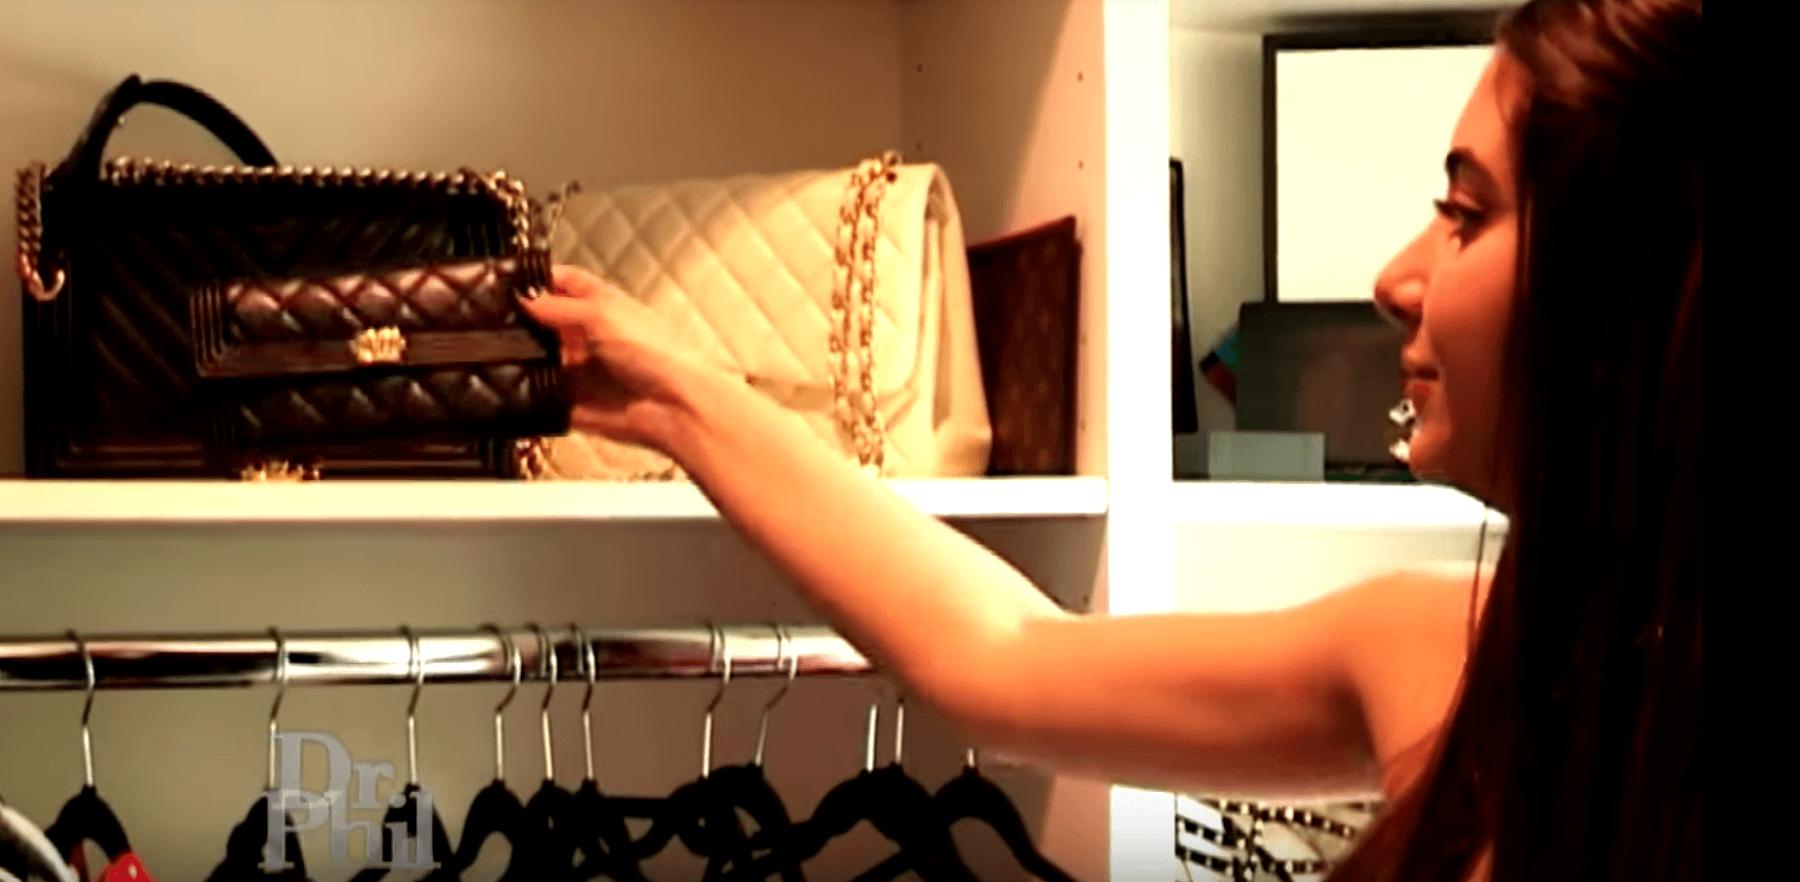 Nicolette chanel wallet